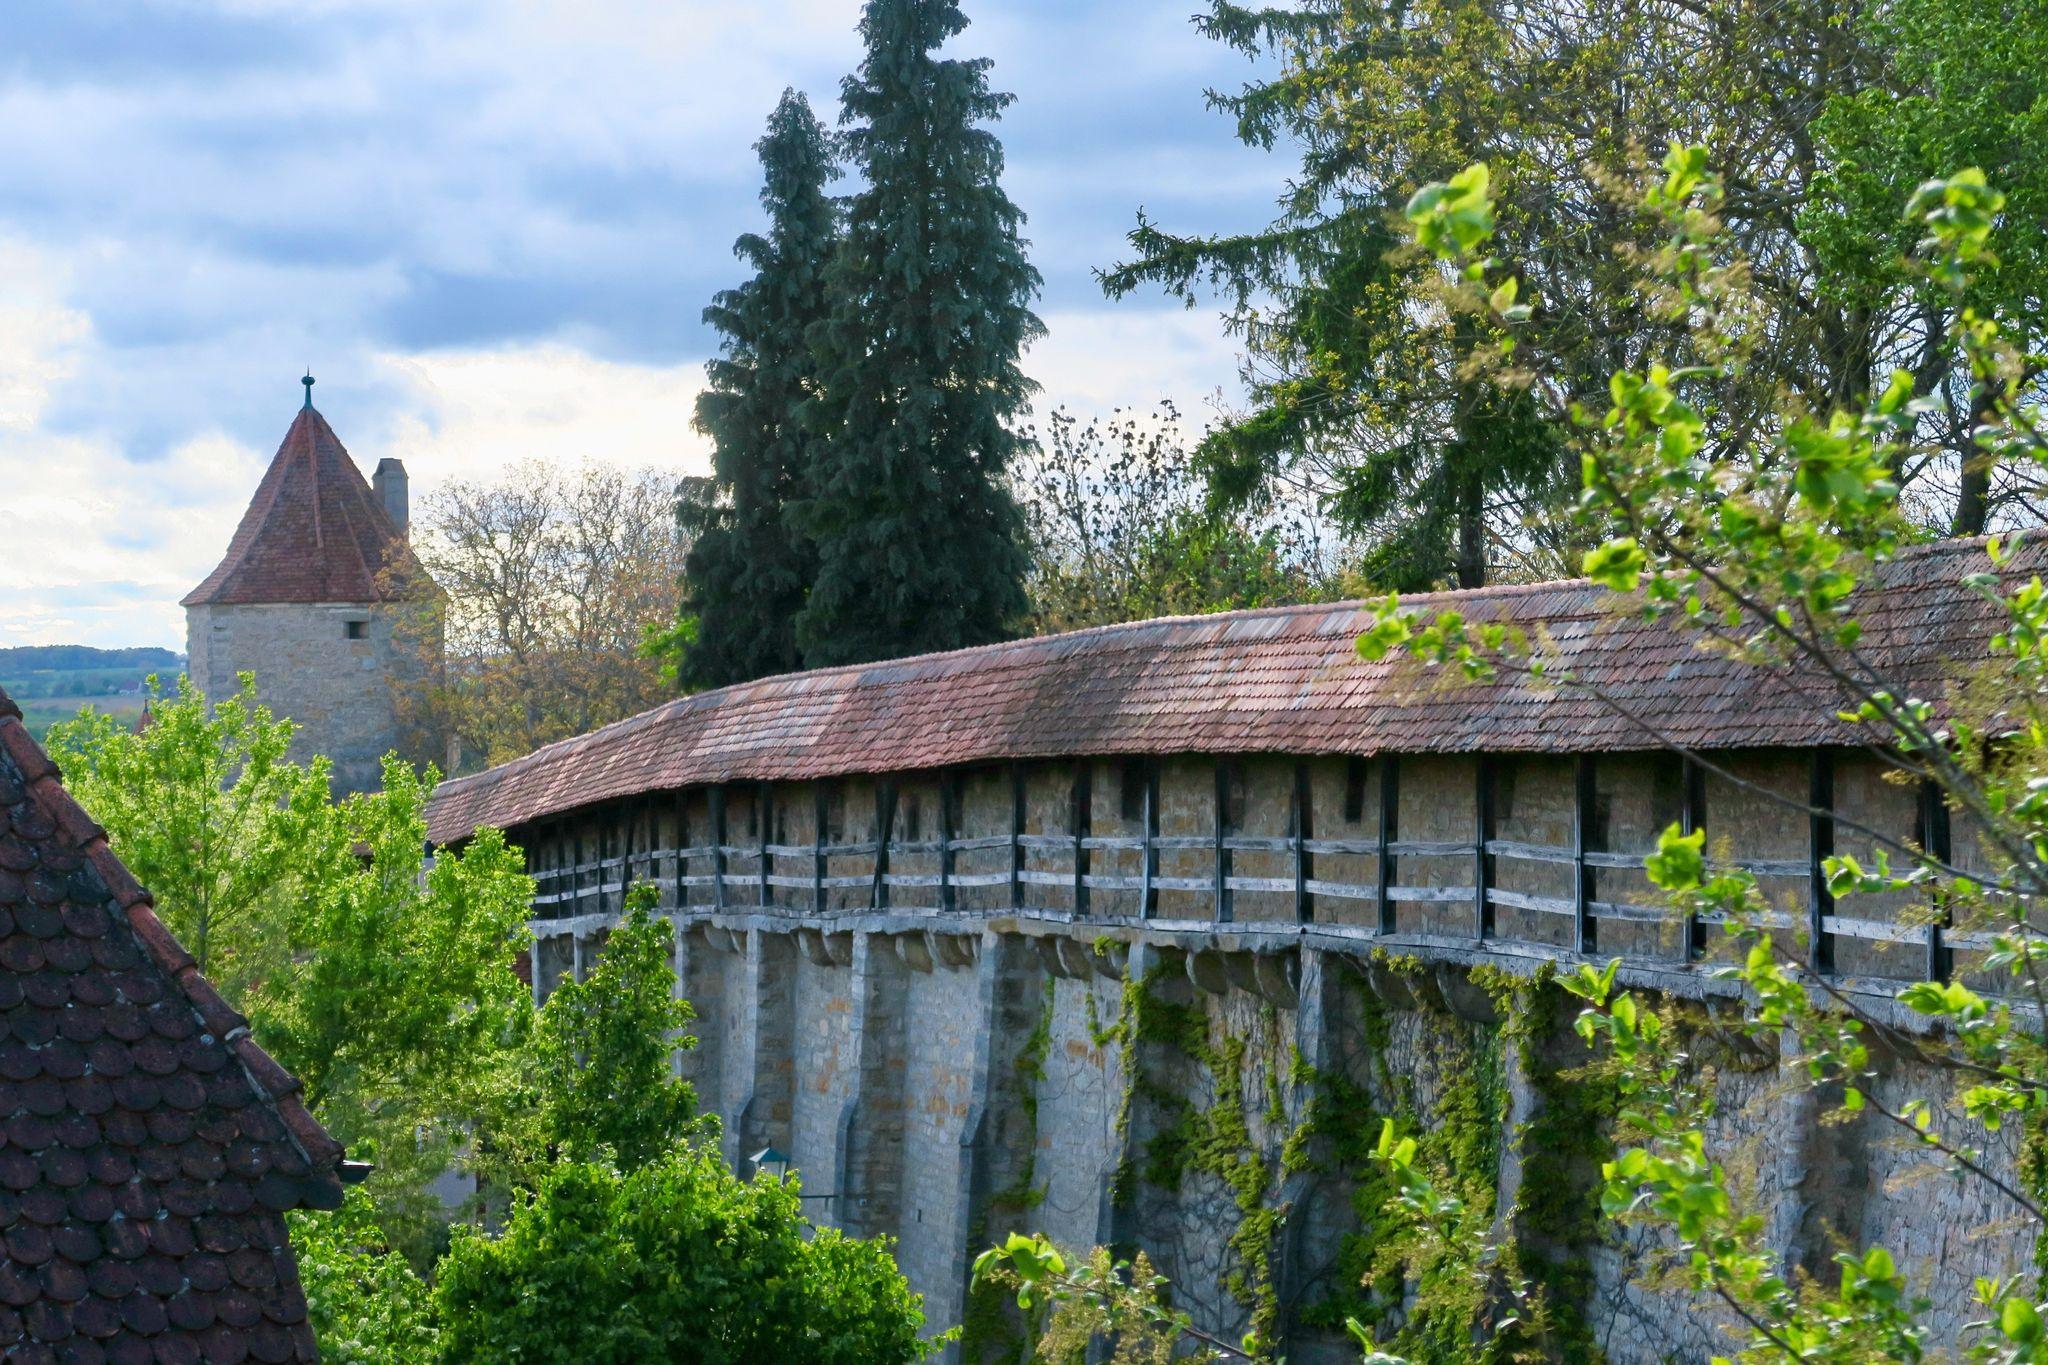 Die Stadtmauer Rothenburgs sieht aus wie imMittelalter.